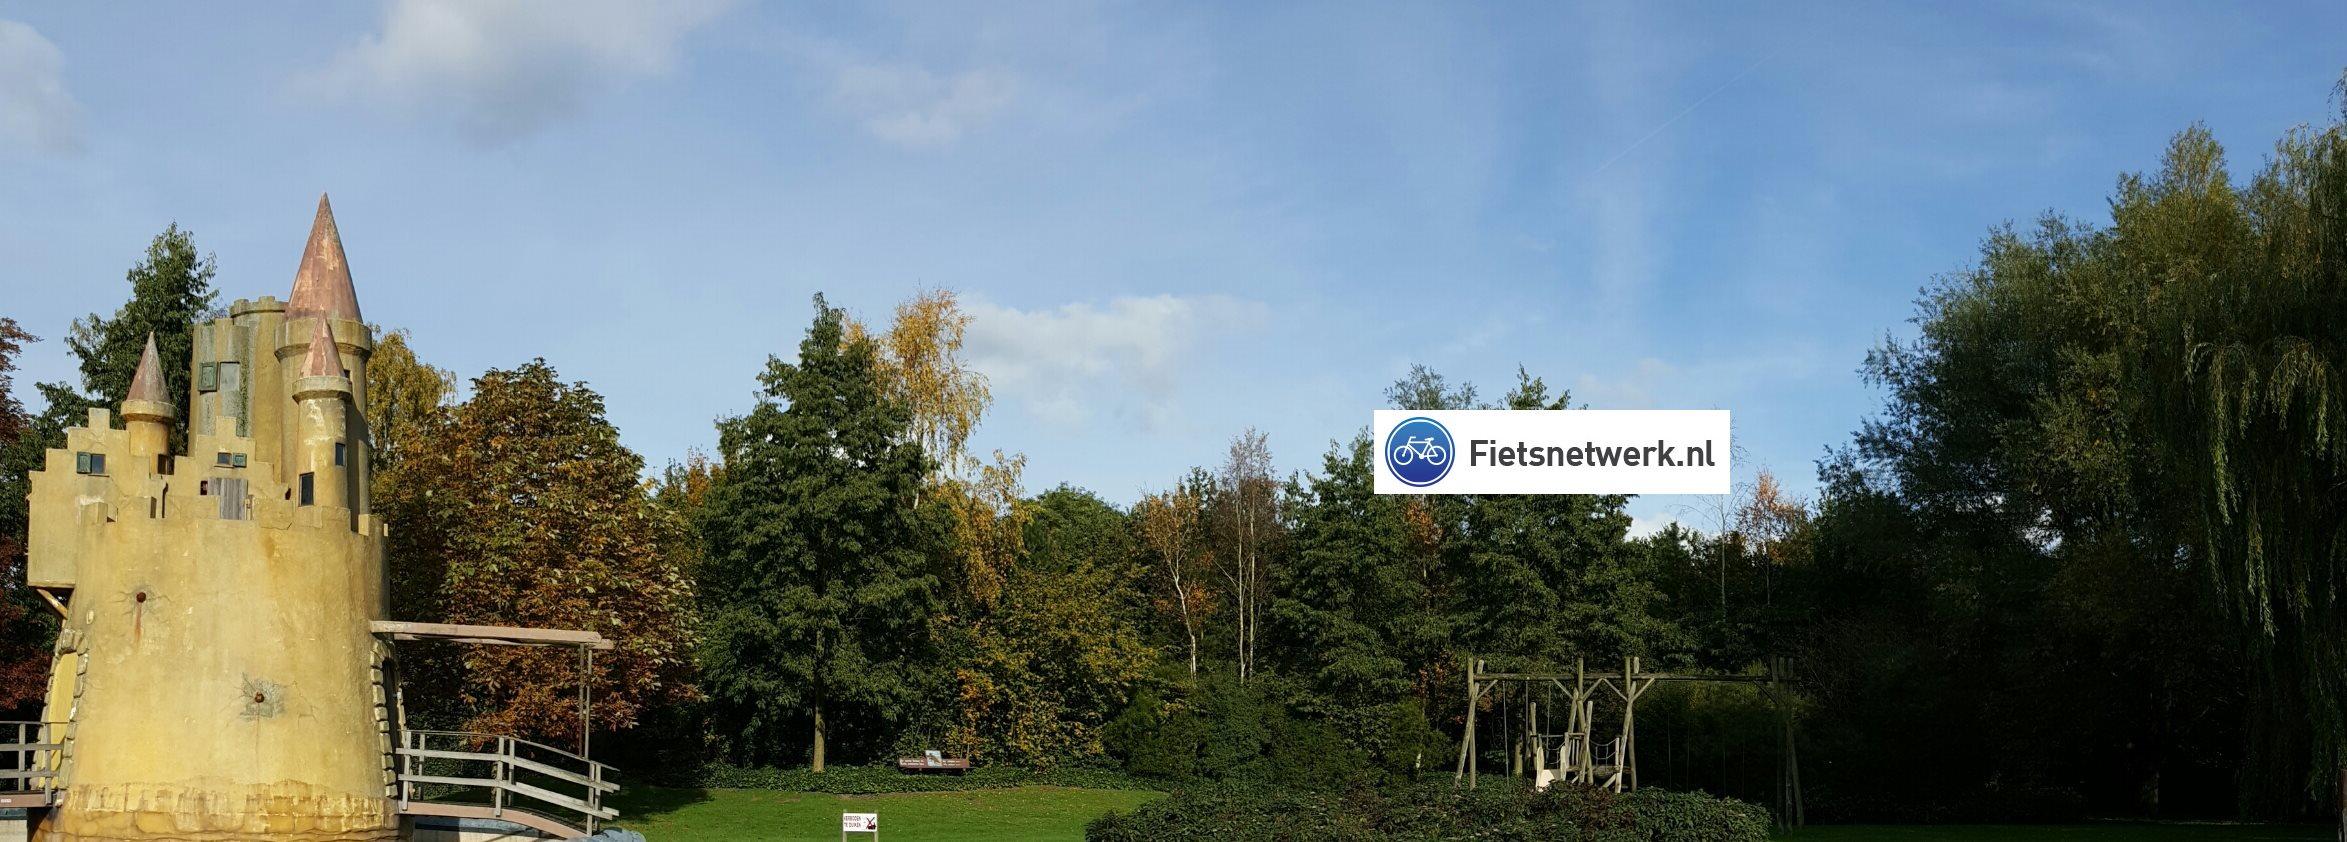 Reynaertland-banner - Fietsnetwerk